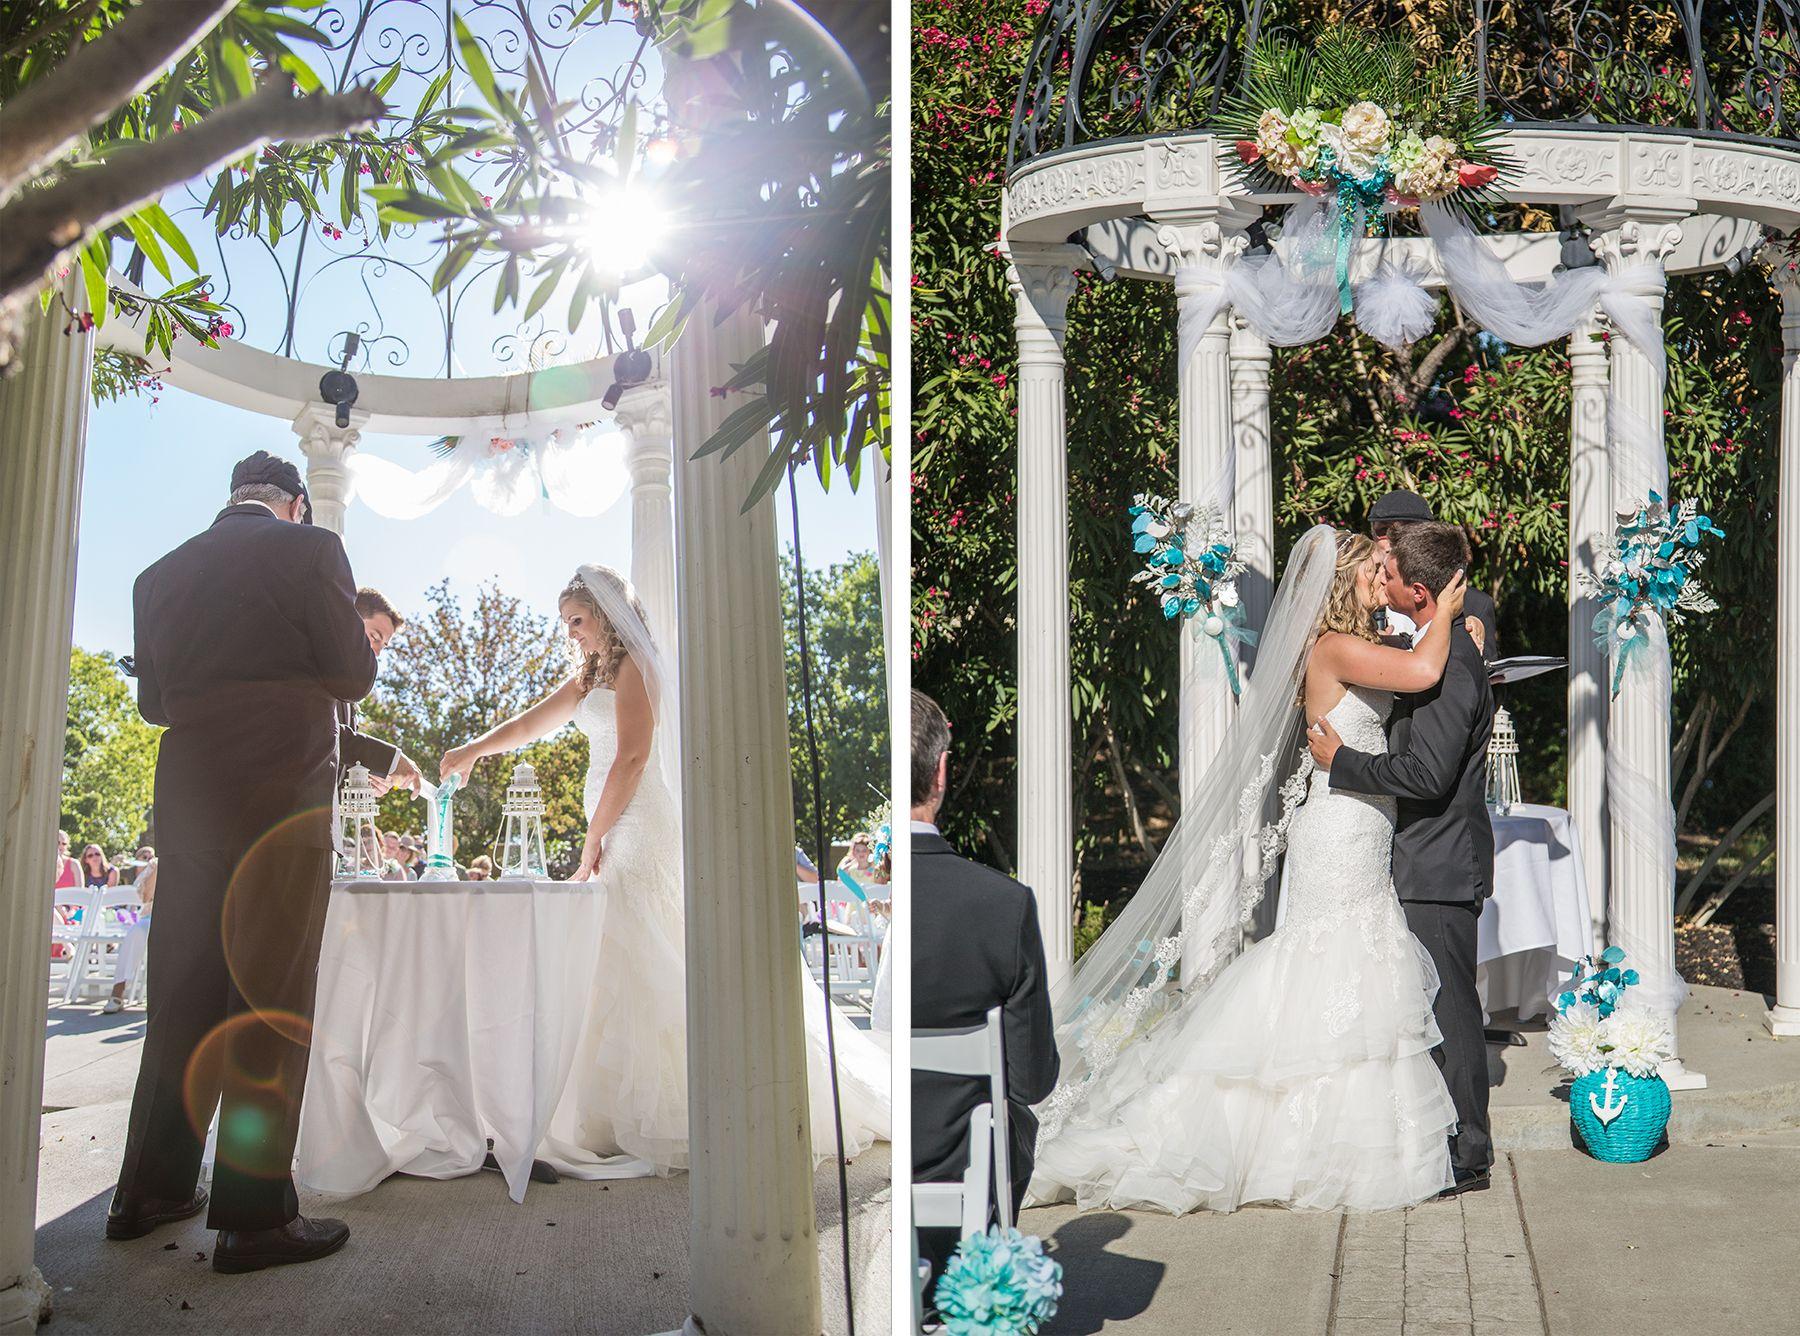 Wedgewood Weddings | Brentwood | Norcal Outdoor Wedding ...